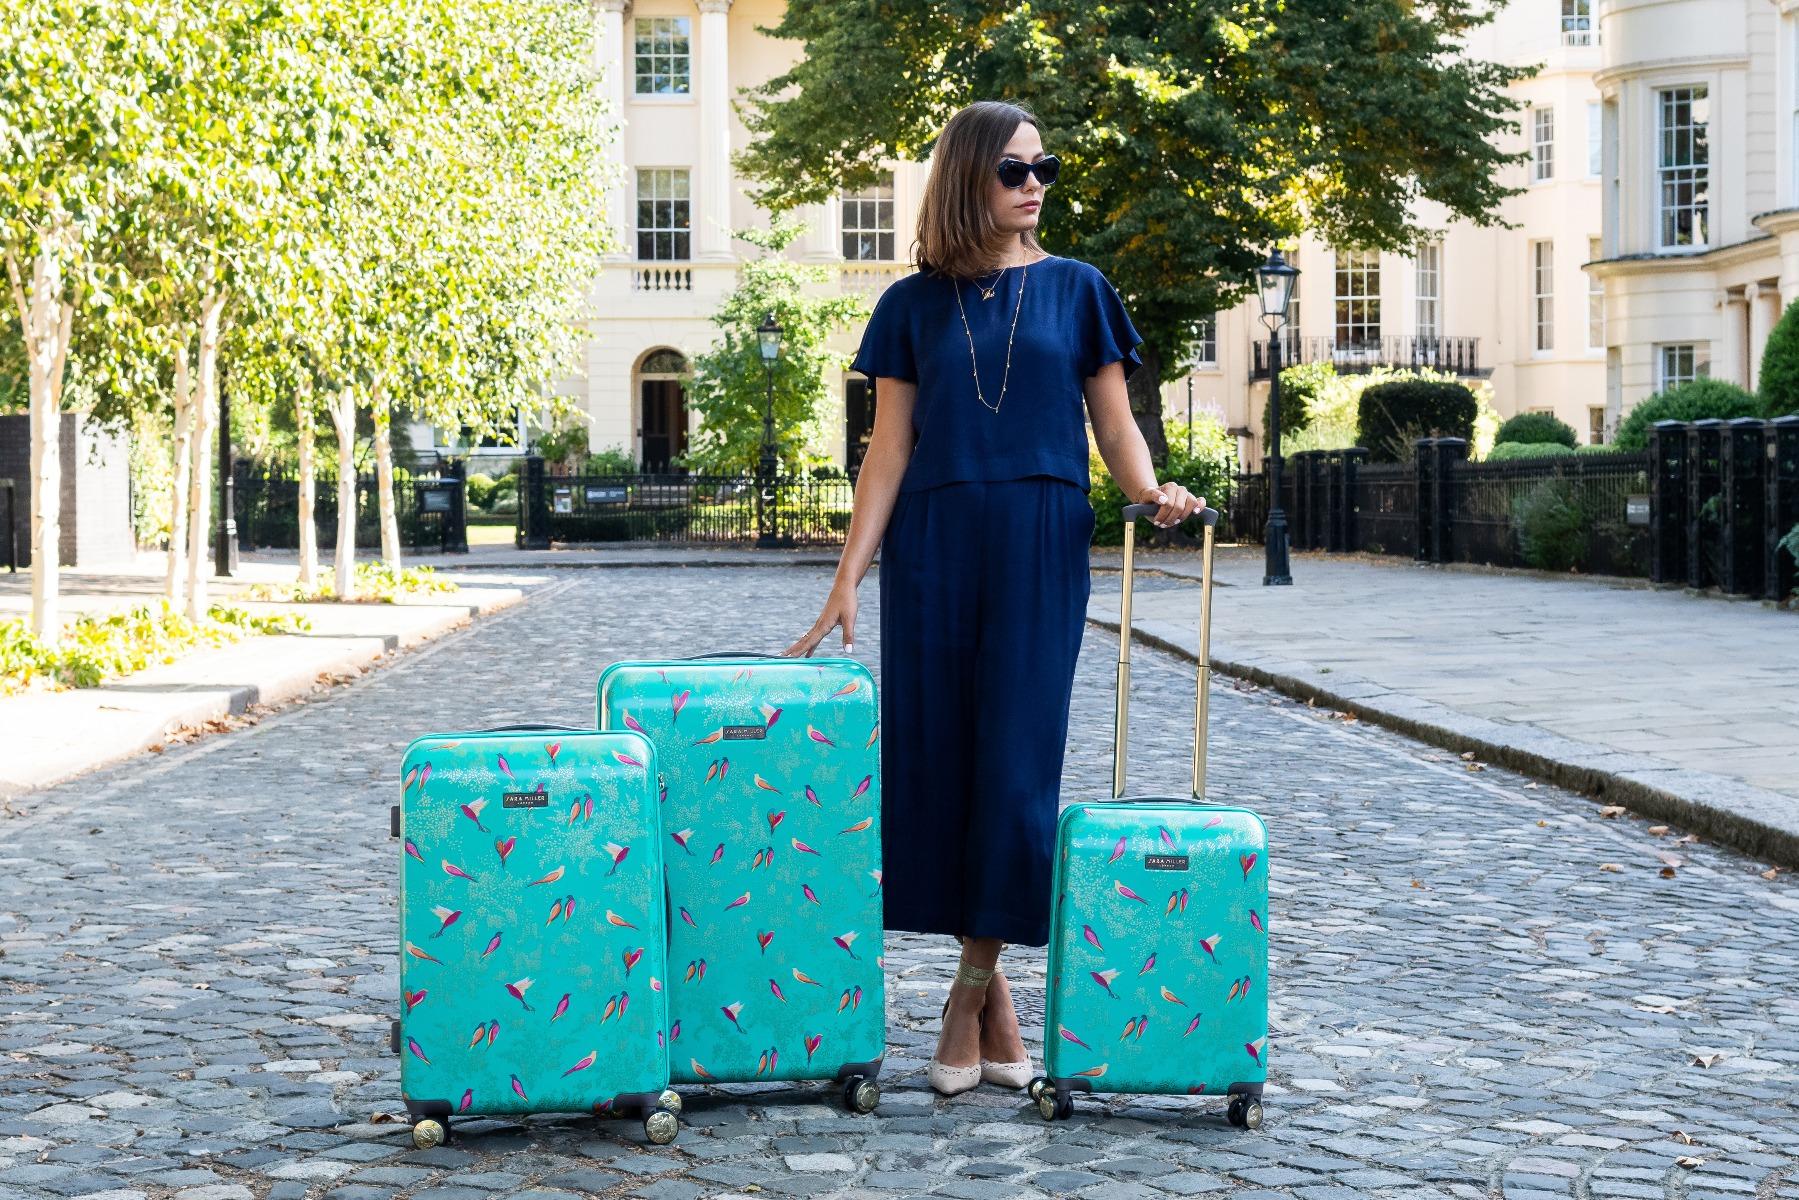 Green Birds Luggage